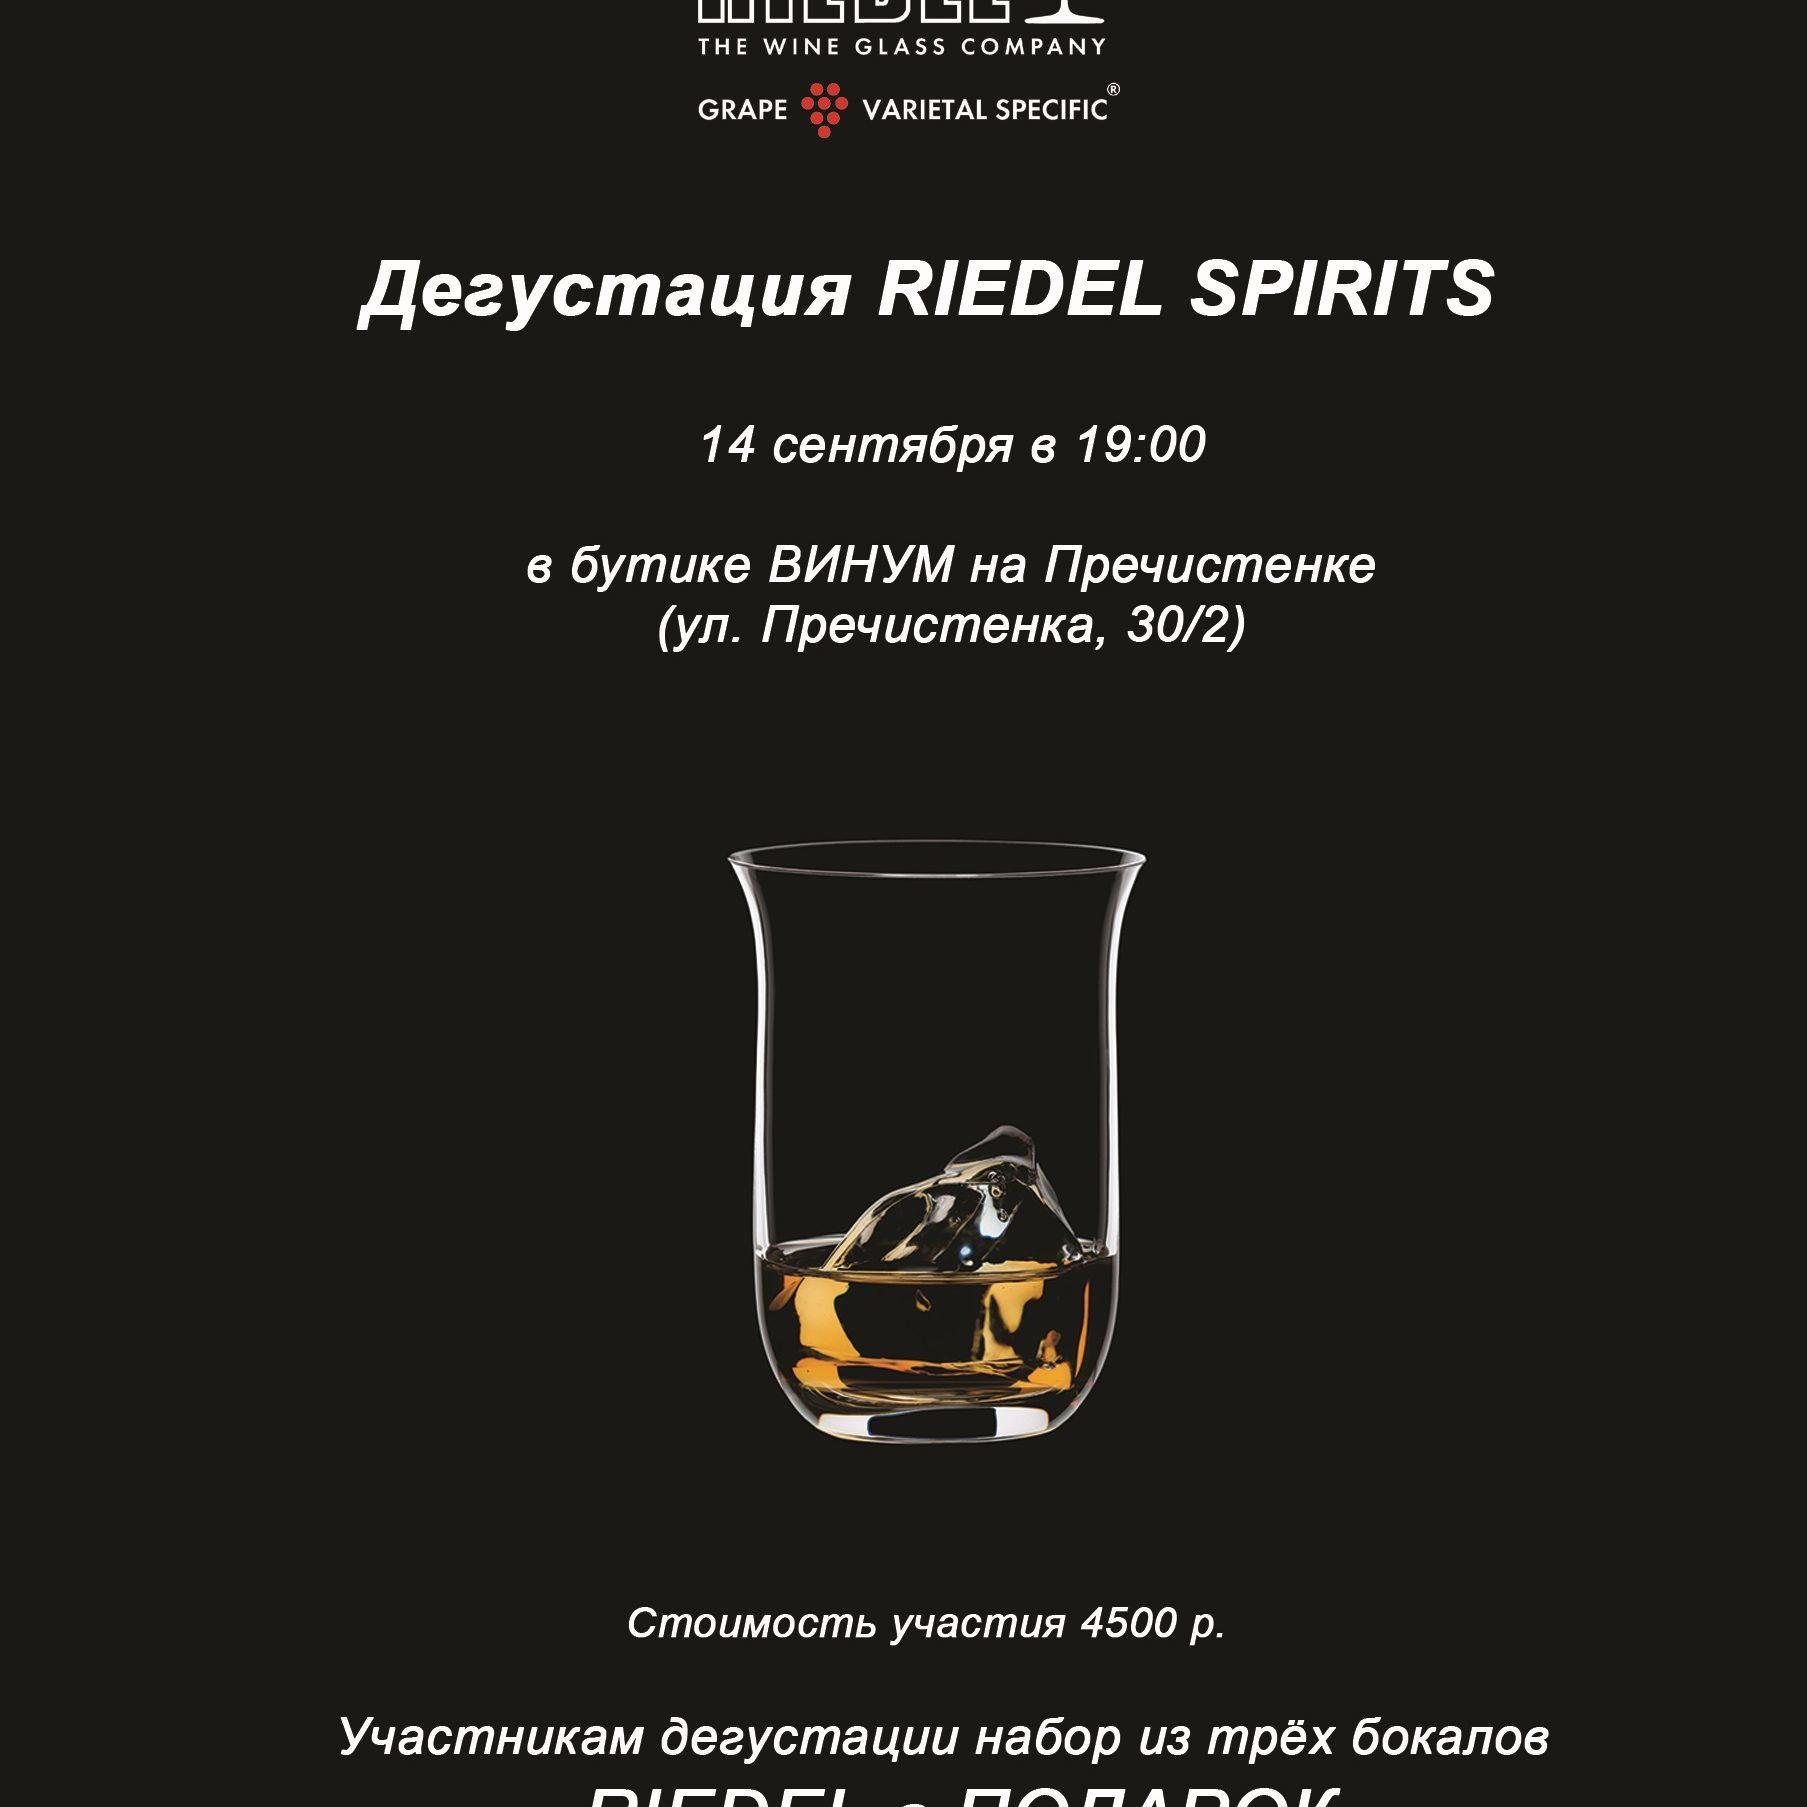 Дегустация Riedel Spirits